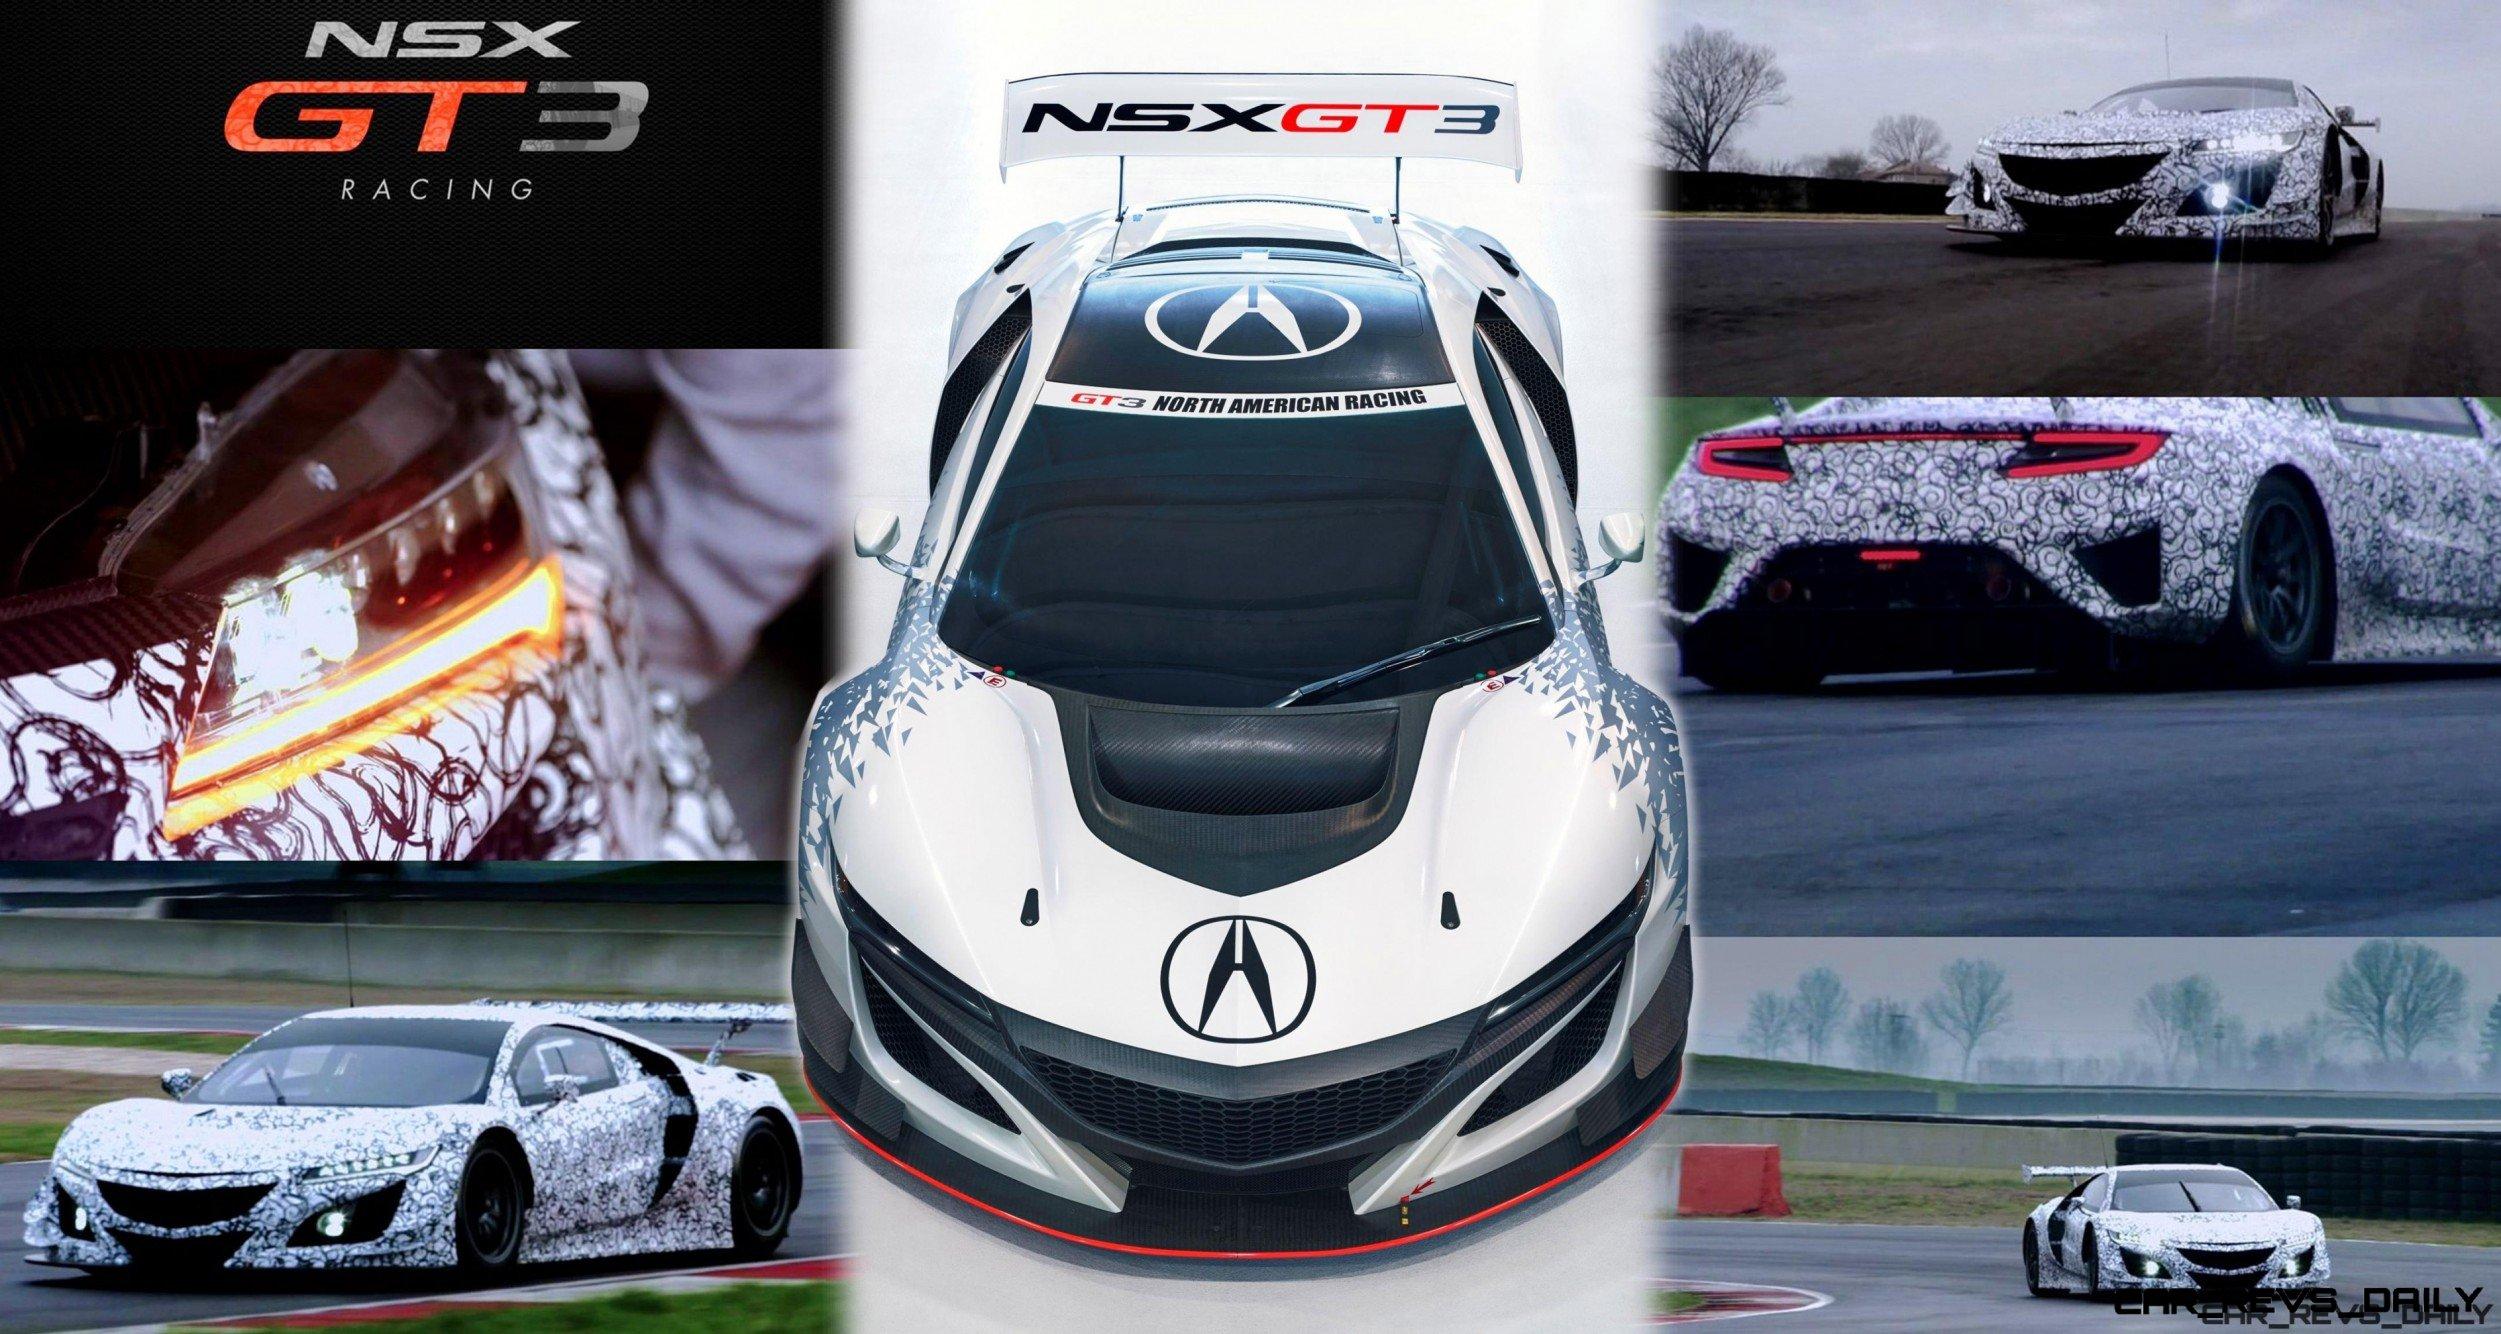 2017 Acura NSX GT3 - V6TT, RWD Racecar is FIA-Ready (+Video)